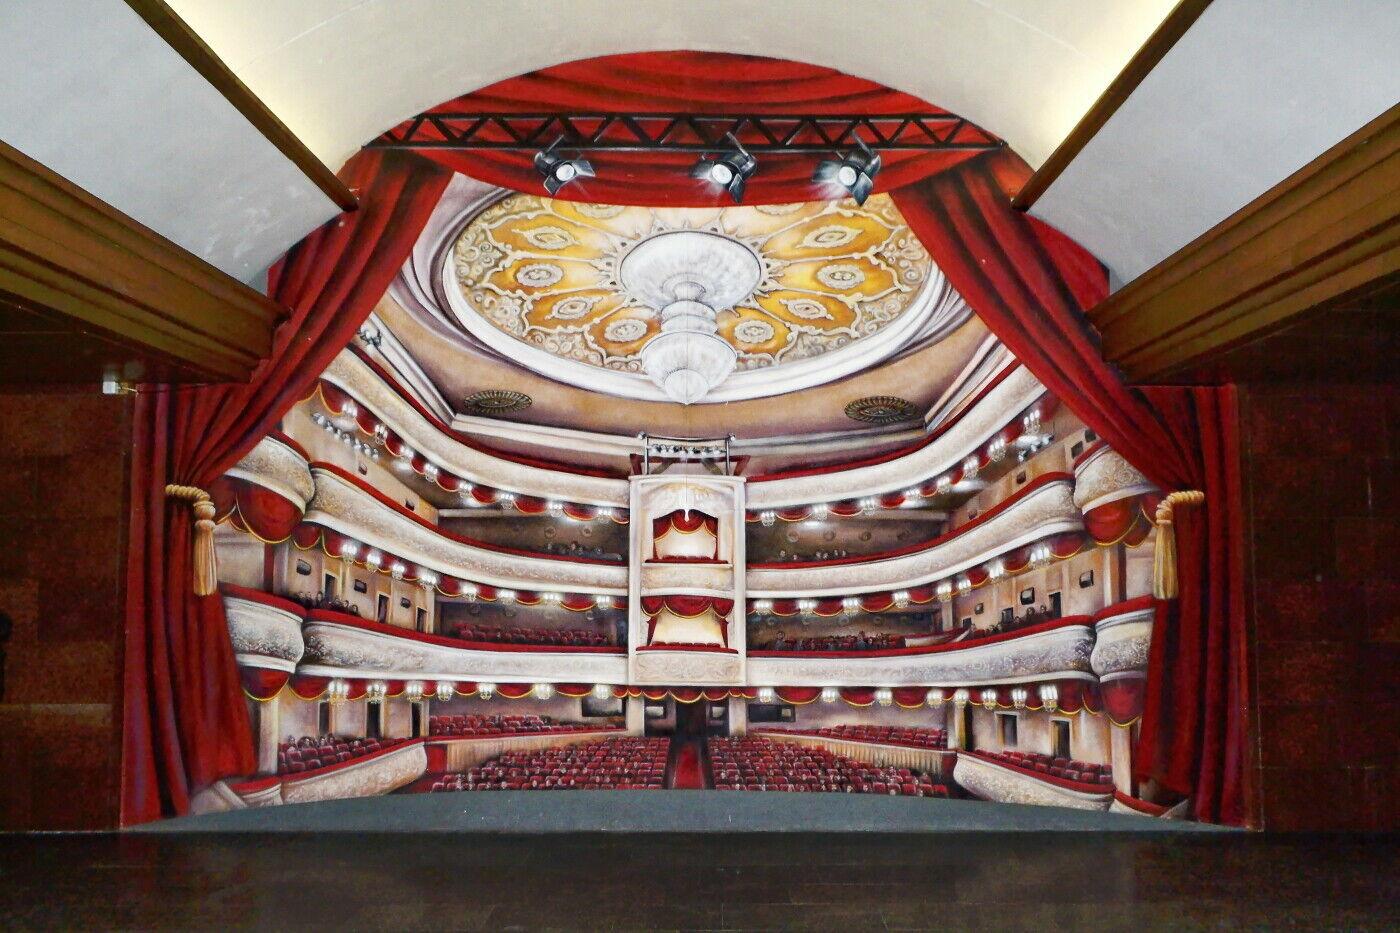 В 2014 году на станции появилось изображение зрительного зала театра.